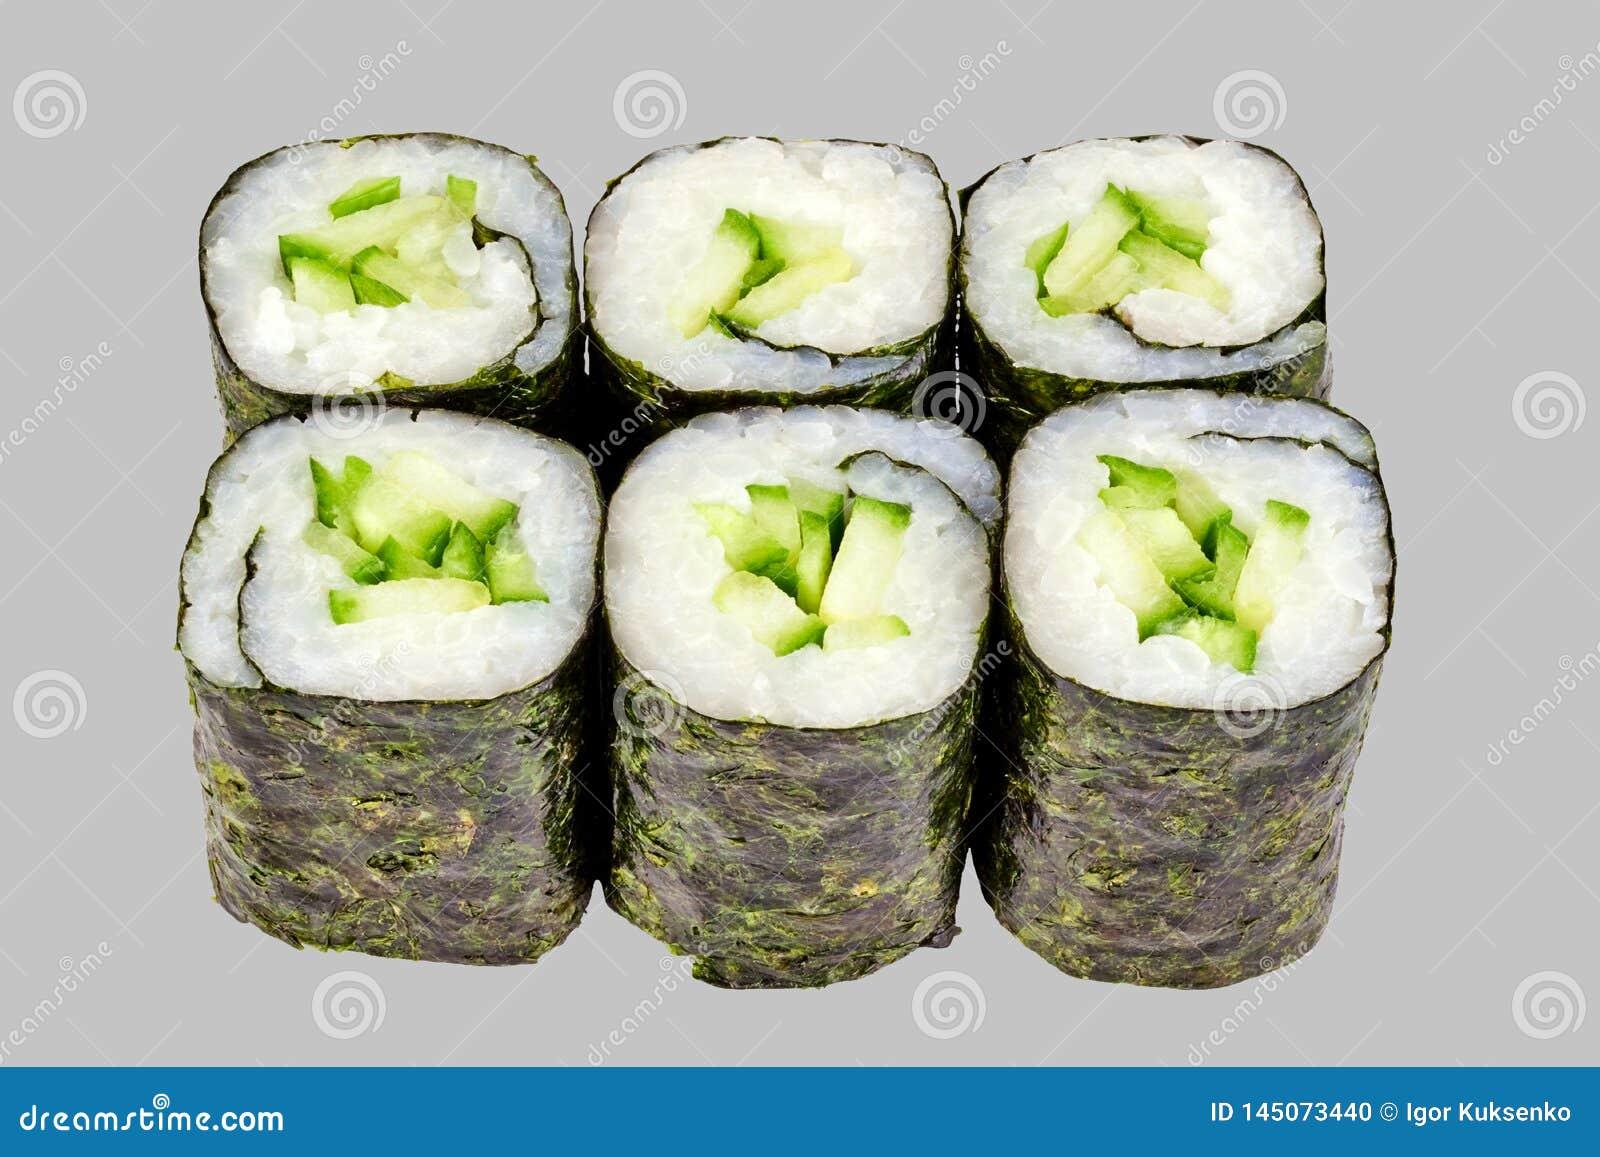 寿司maki卷用在灰色背景的黄瓜